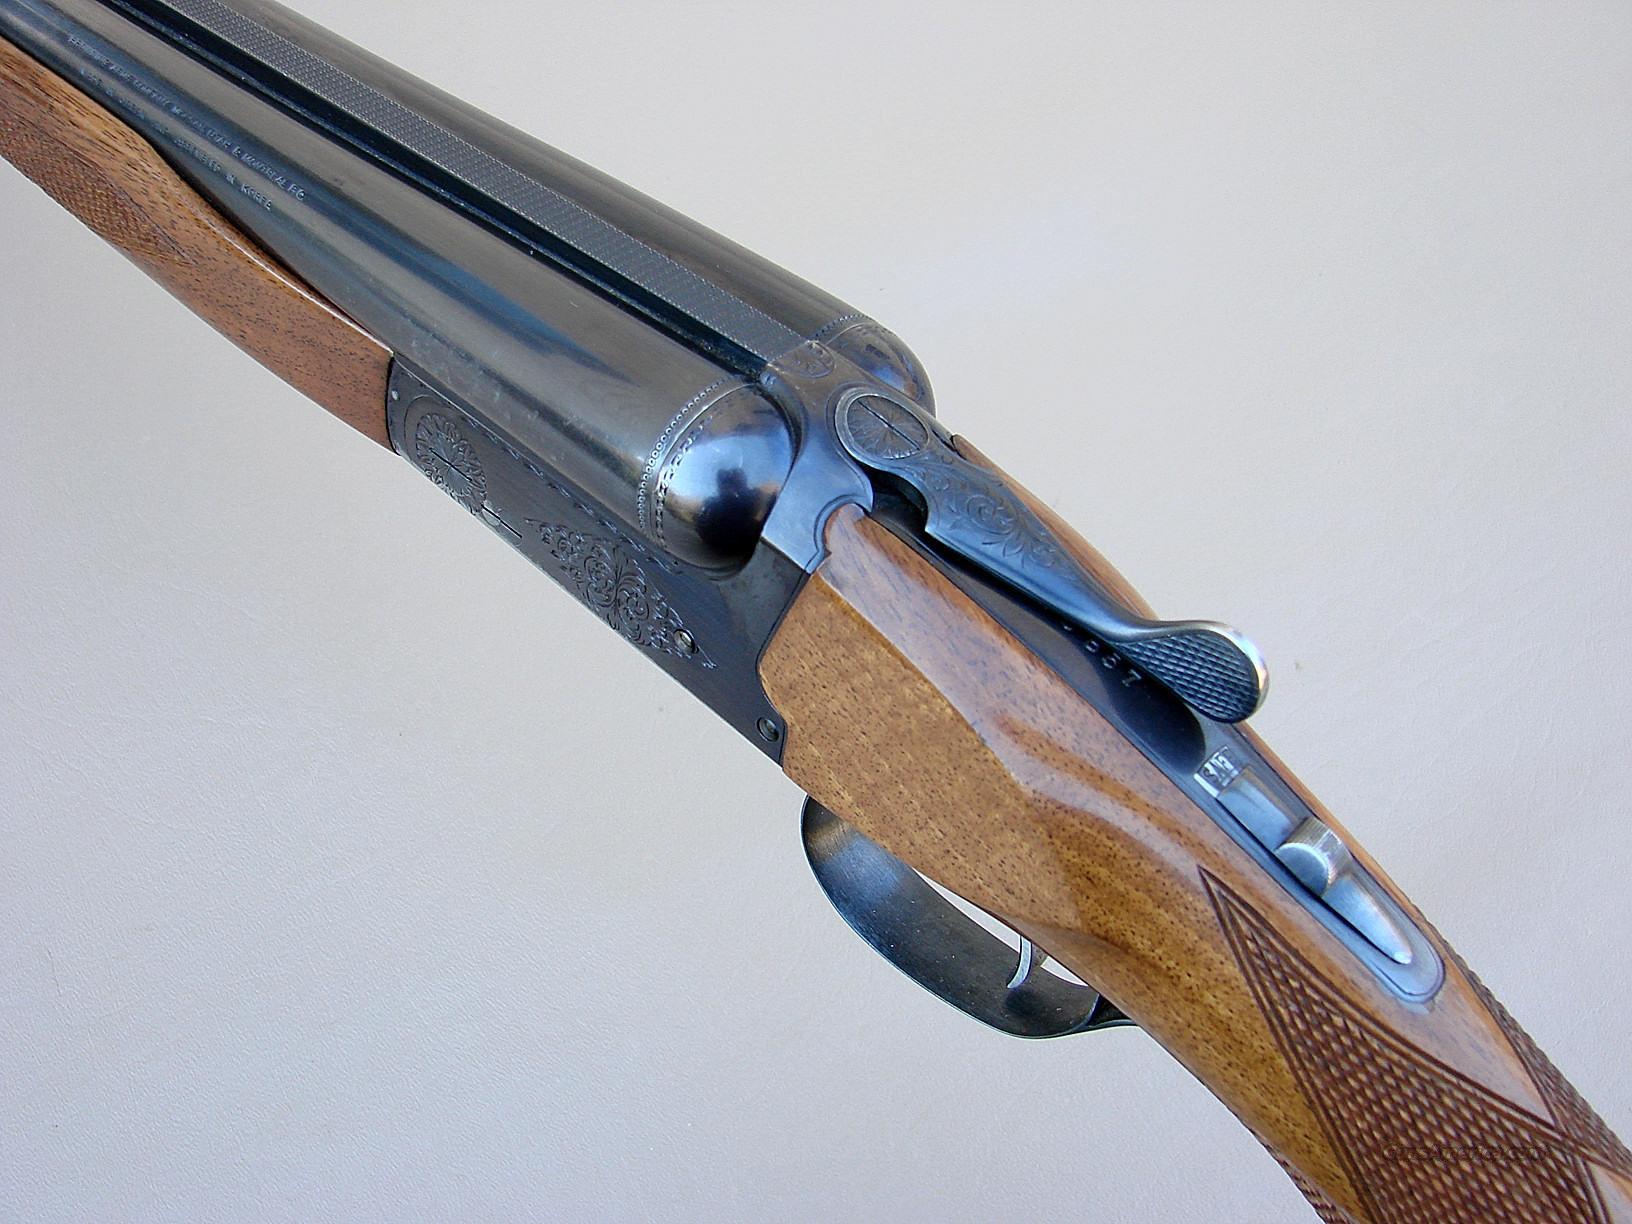 browning 20 gauge side by side shotgun bss for sale. Black Bedroom Furniture Sets. Home Design Ideas